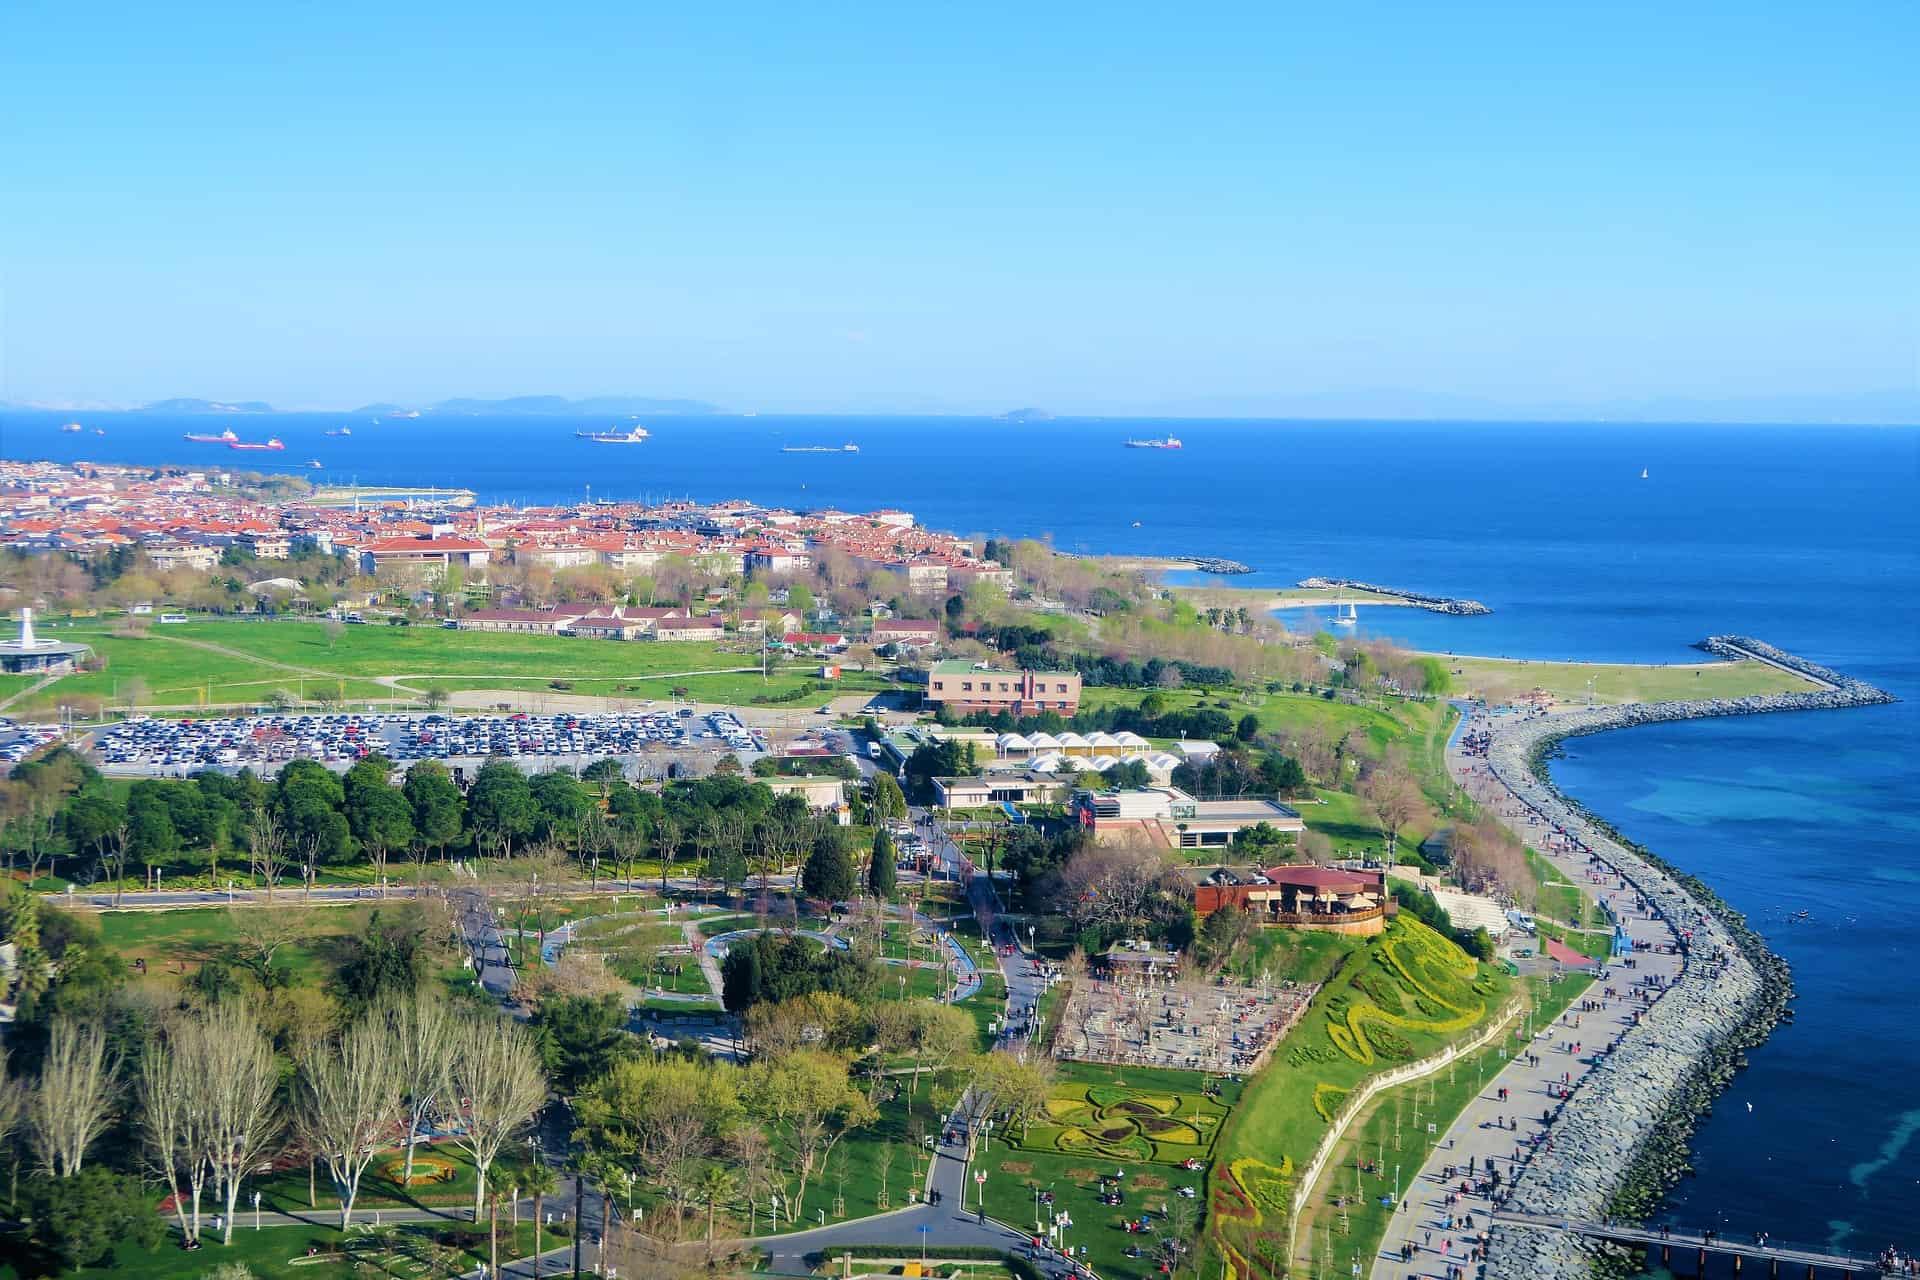 Ausflüge von Istanbul ab 8,50€ - Städtereise Tipps Türkei Urlaub